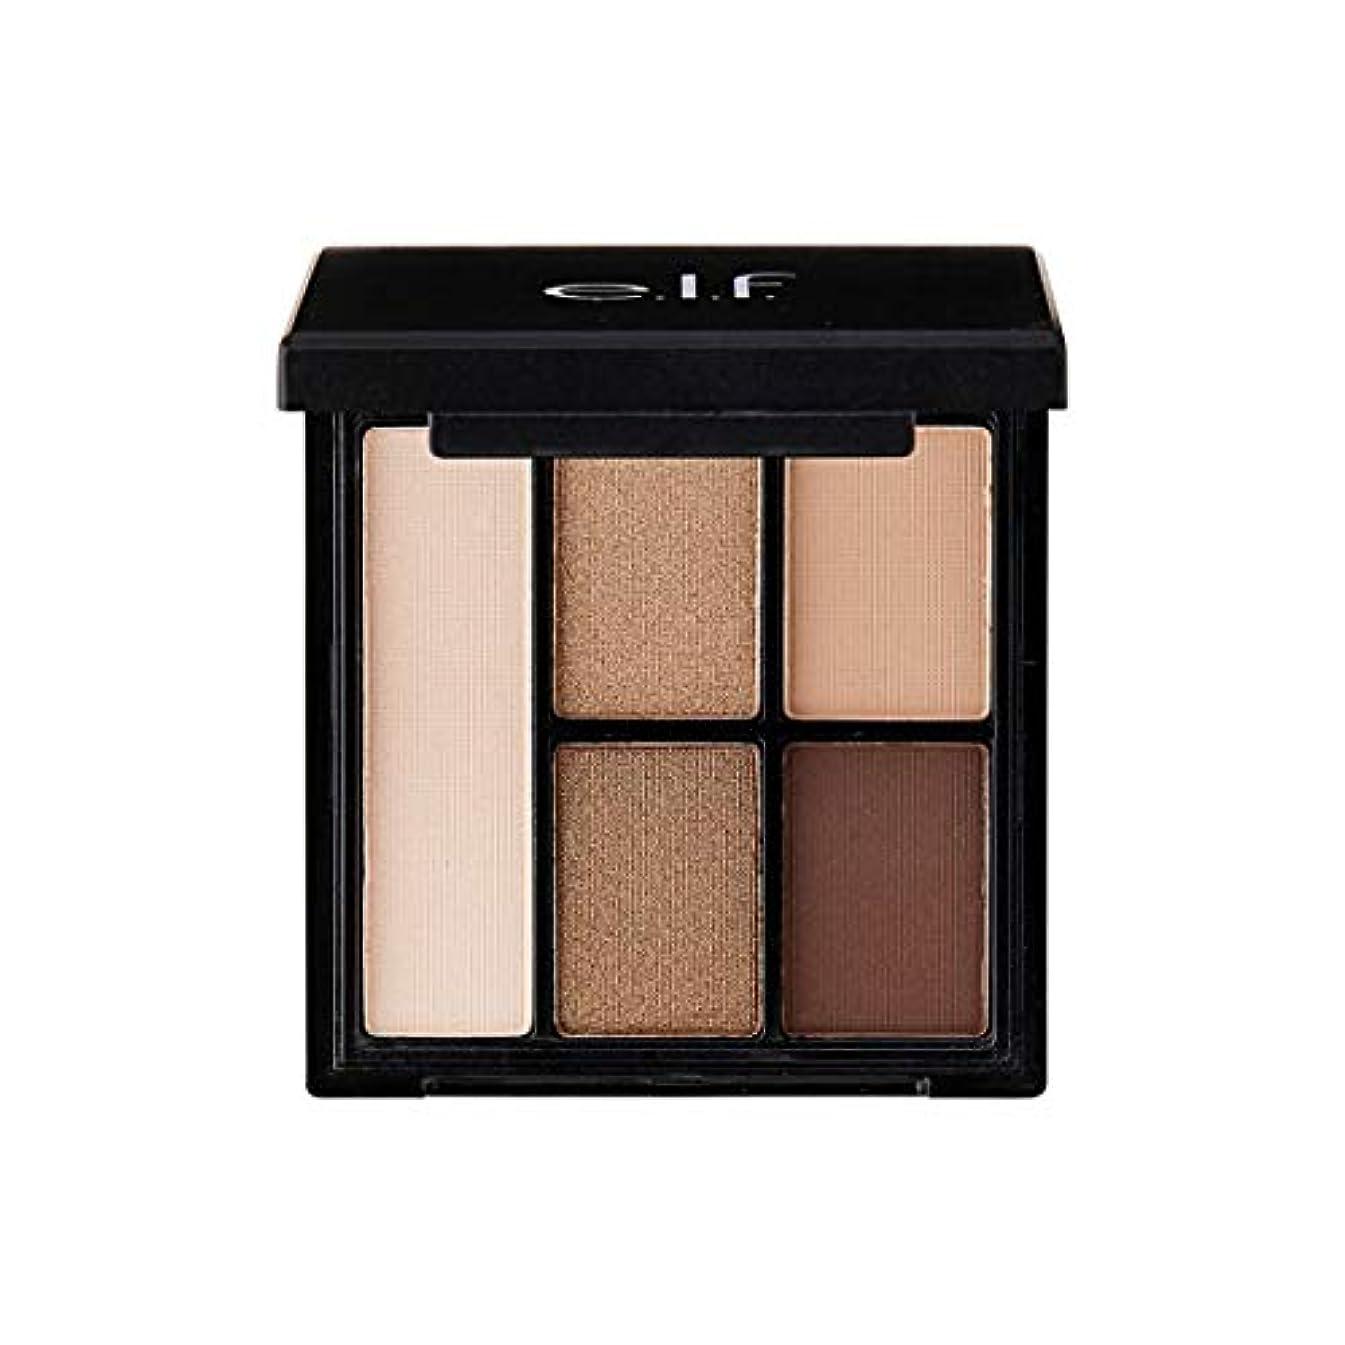 ディンカルビル活性化する振るe.l.f. Clay Eyeshadow Palette Nearly Nudes (並行輸入品)